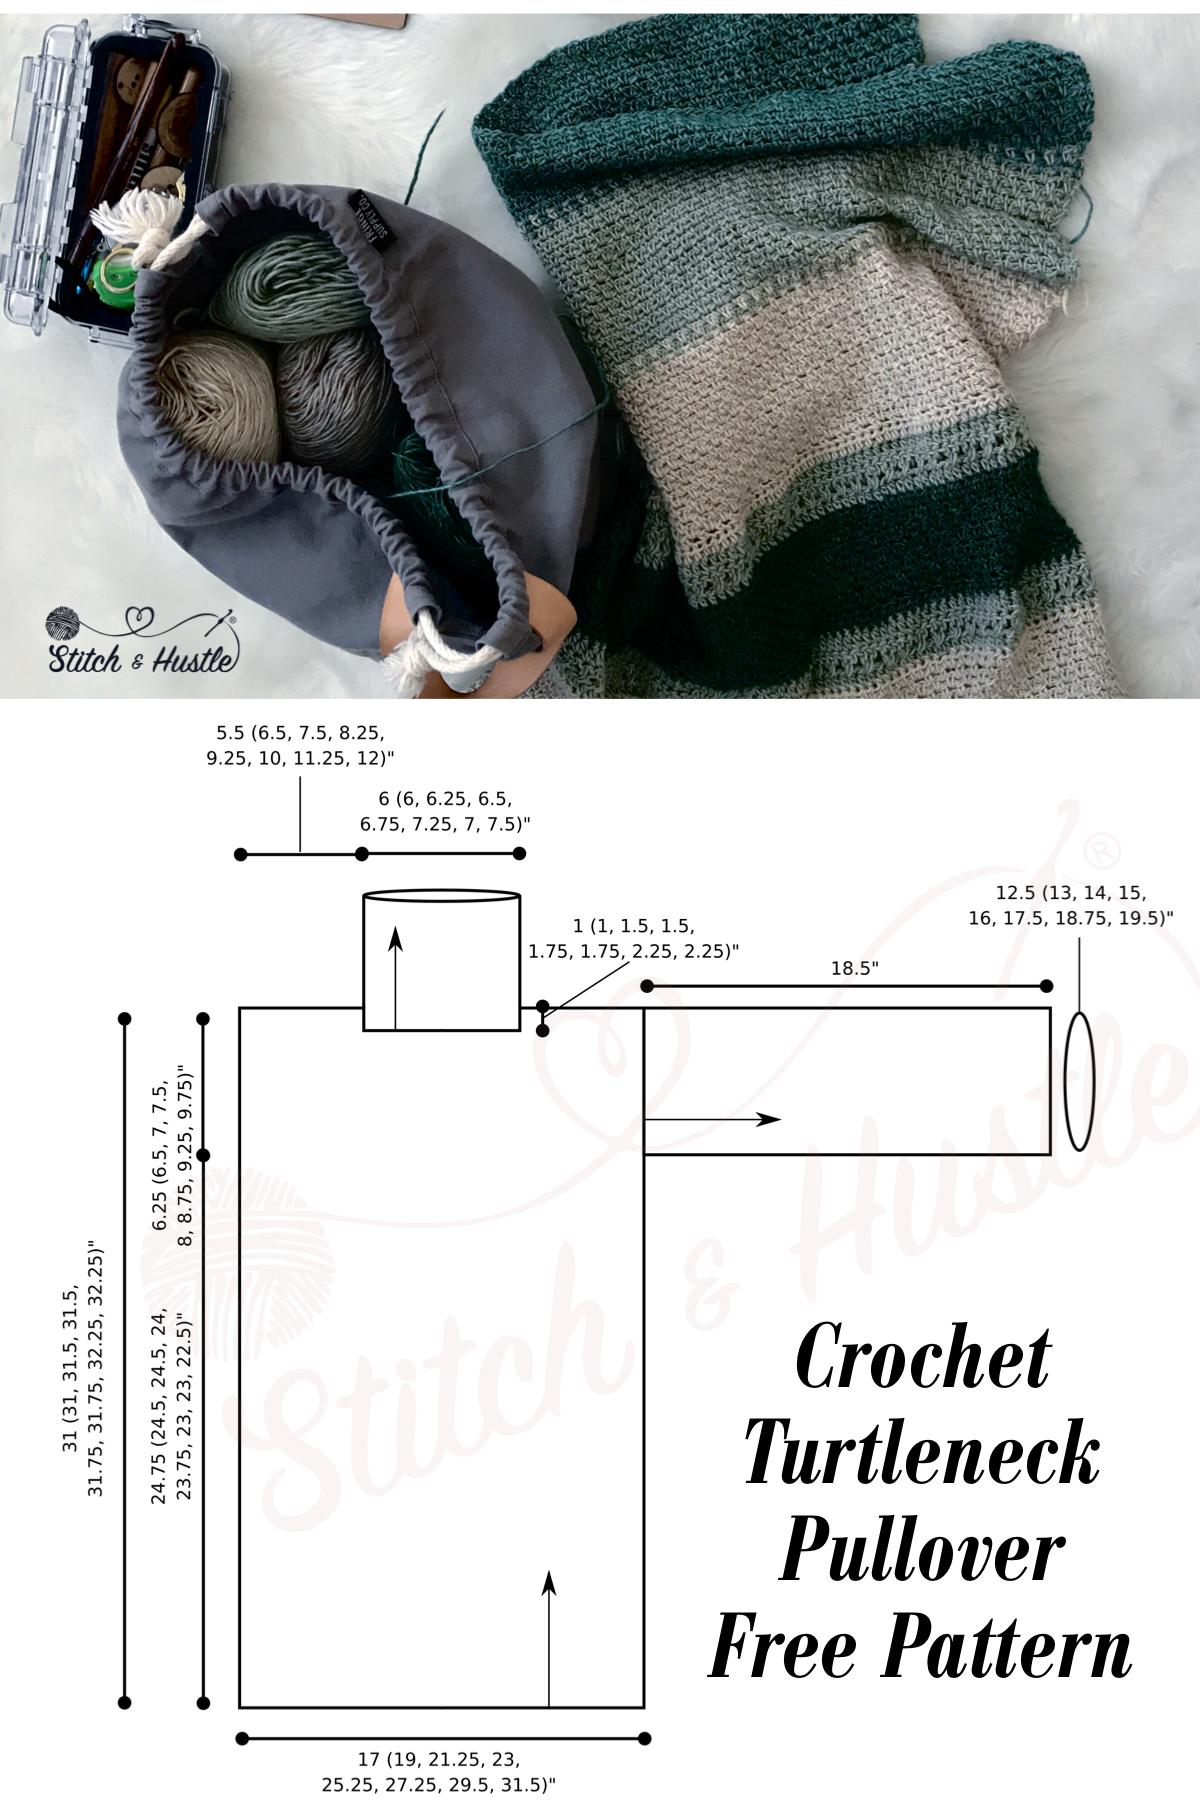 Manos_Del_Uruguay_Free_Crochet_Pattern_00002.jpg